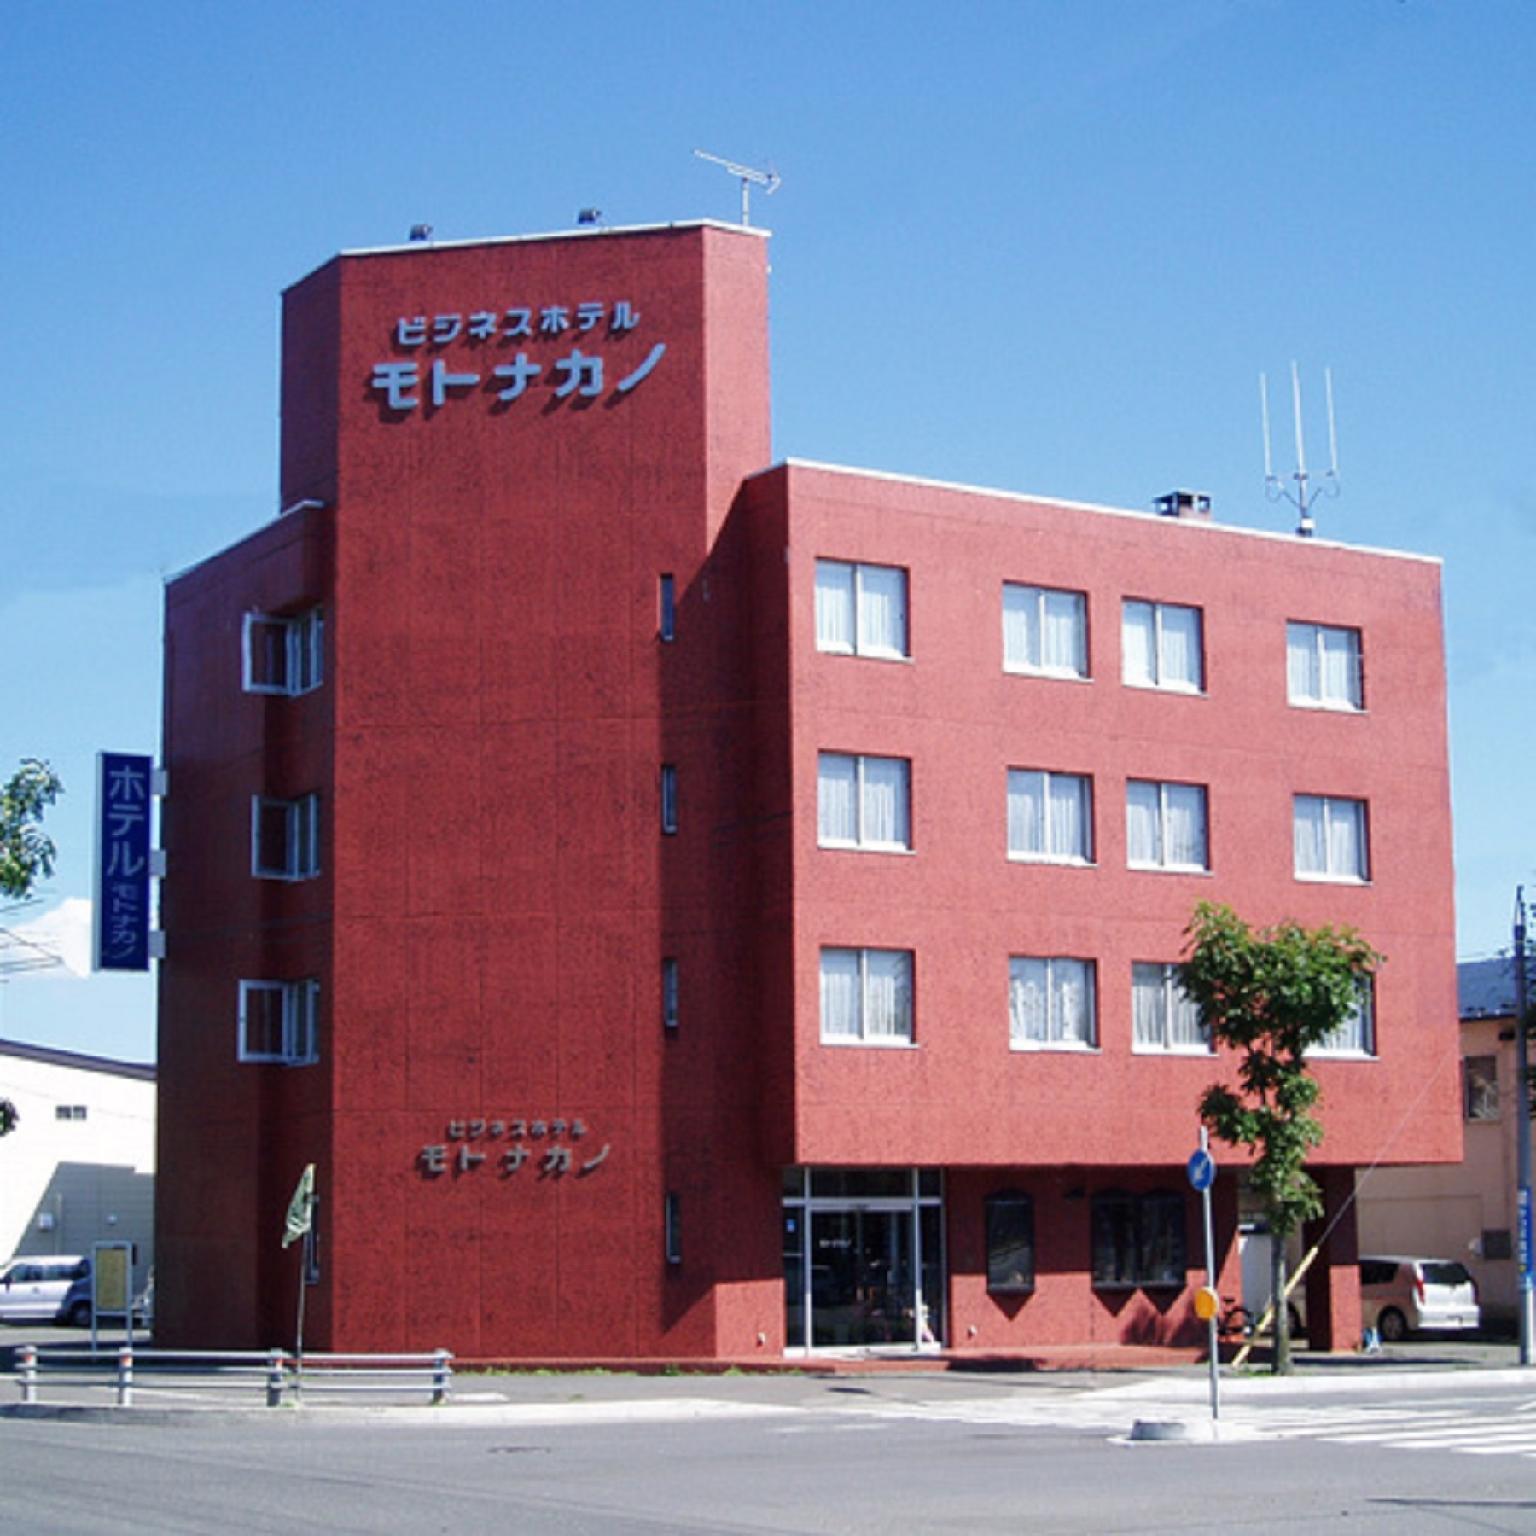 Buisiness Hotel Motonakano